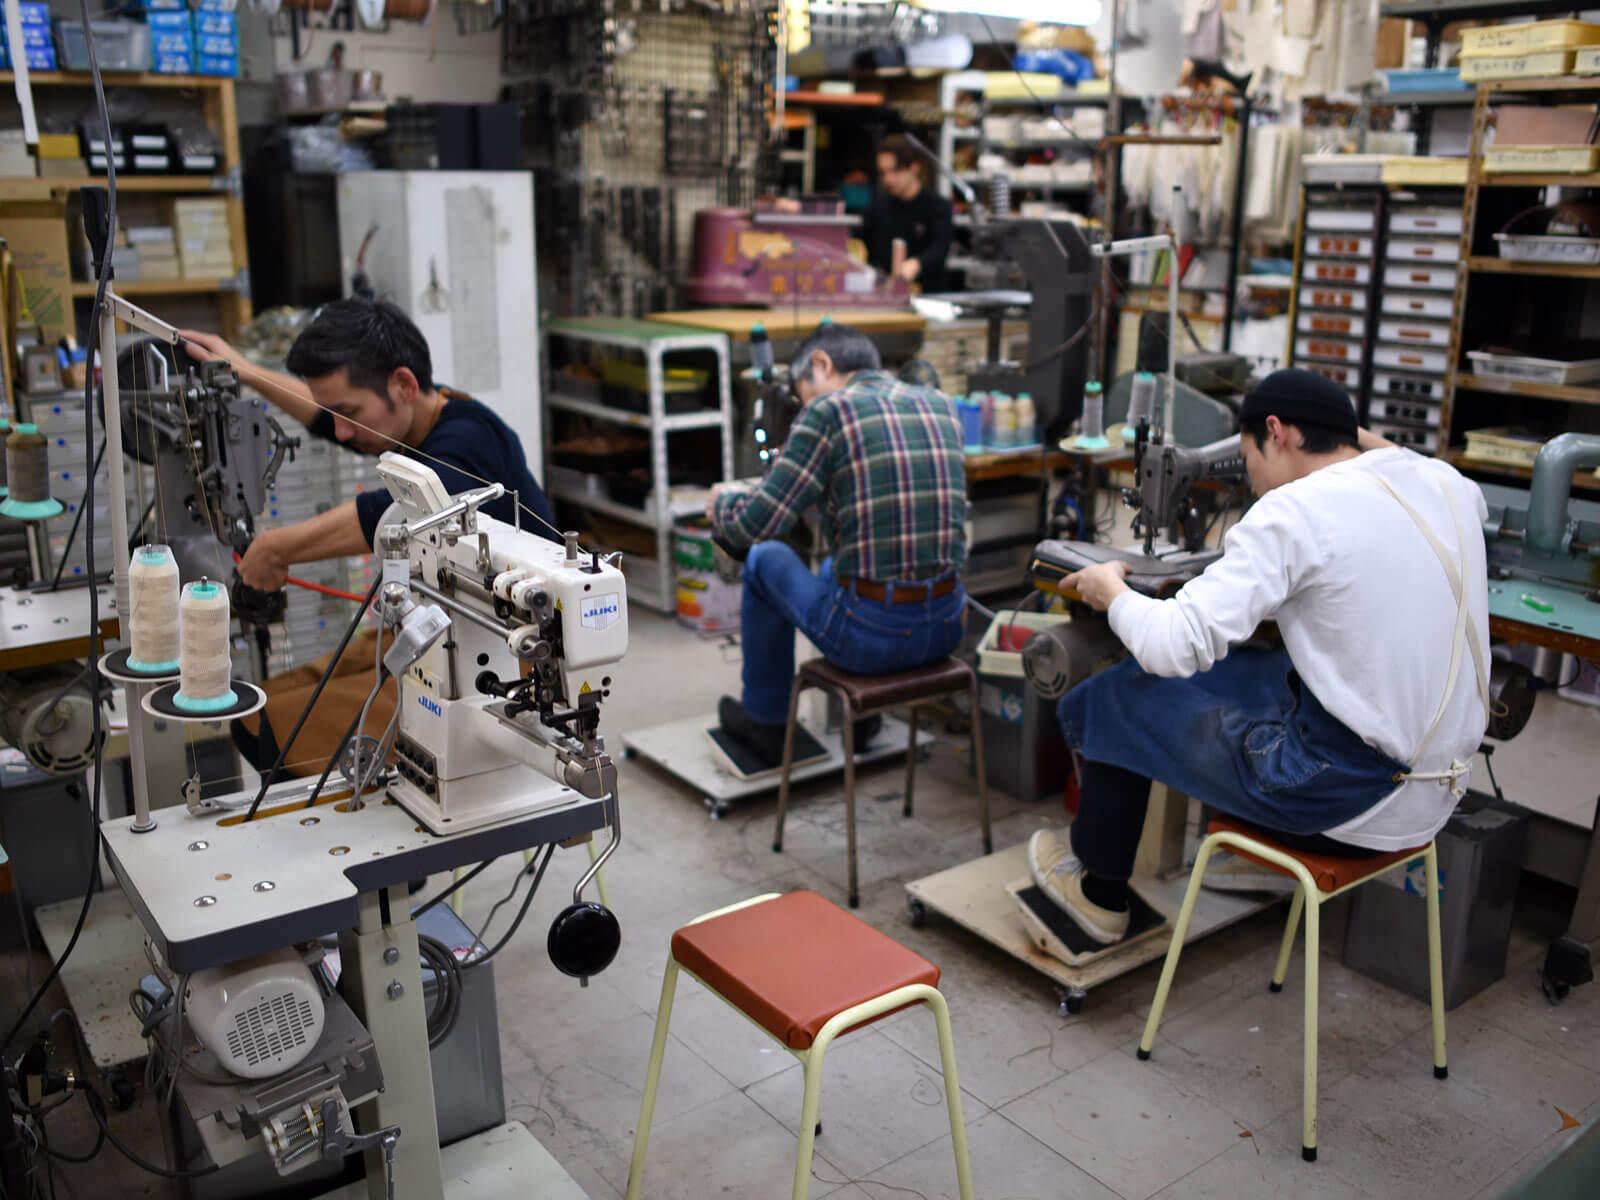 ヘルツ渋谷工房スタッフ募集のお知らせ